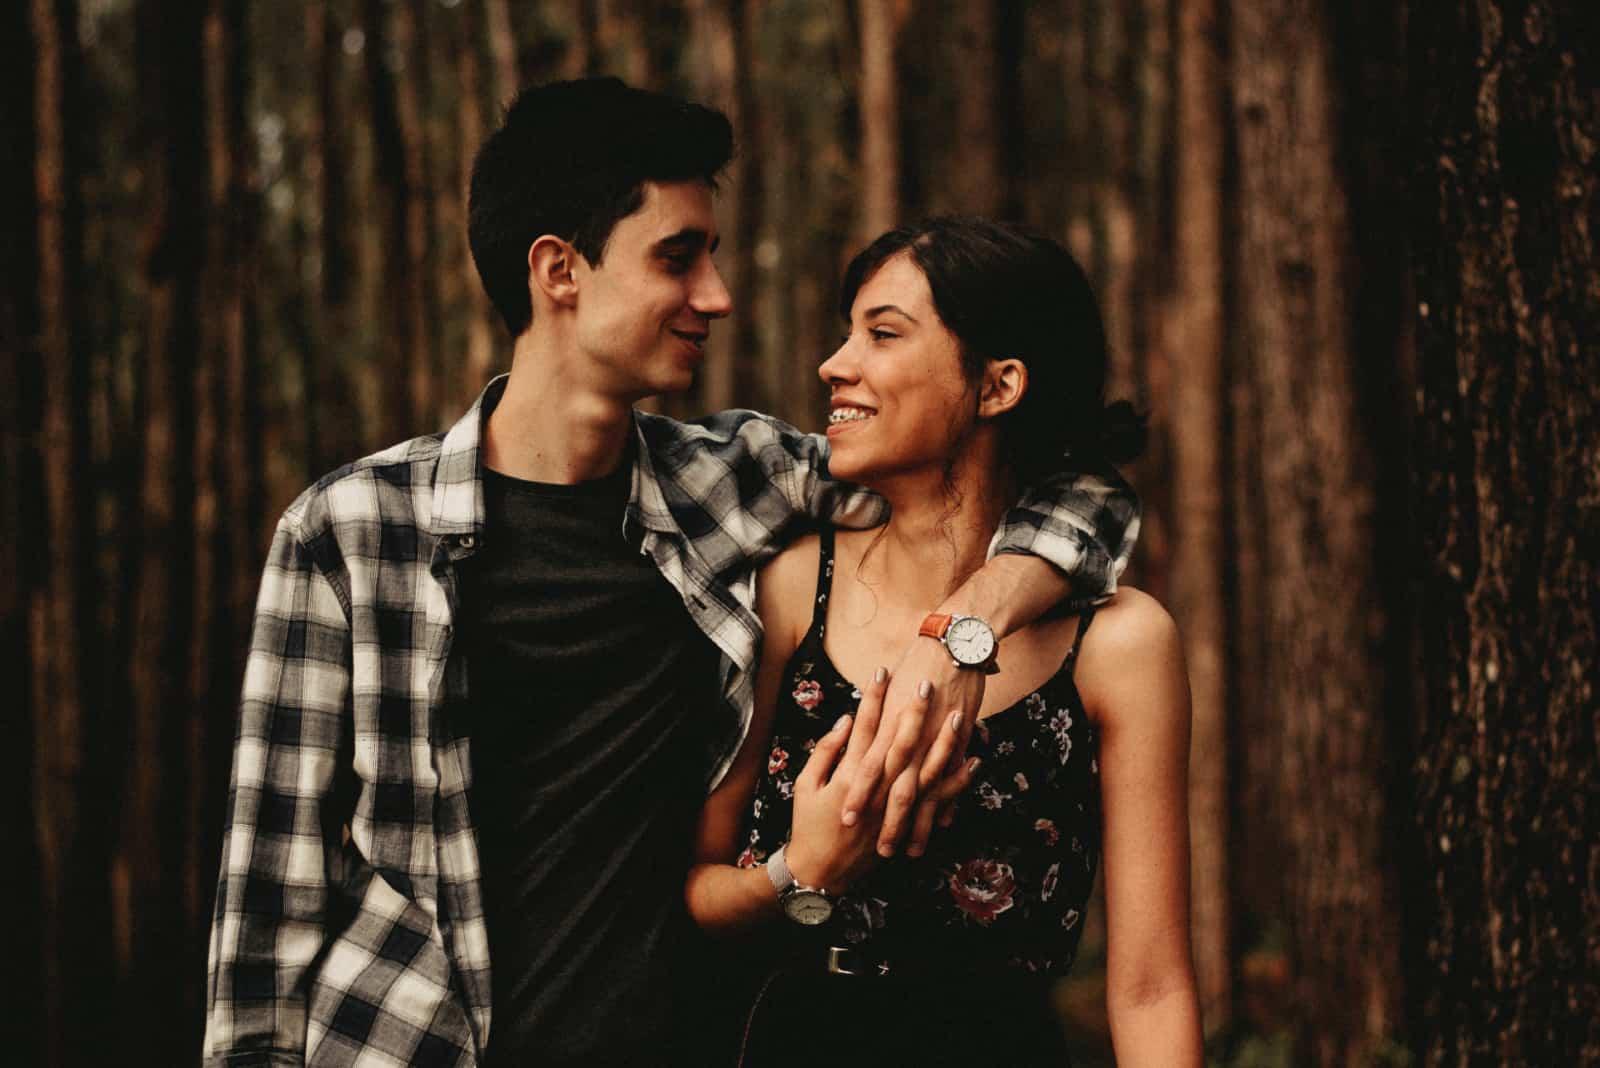 homme étreindre femme quoique debout dans forêt